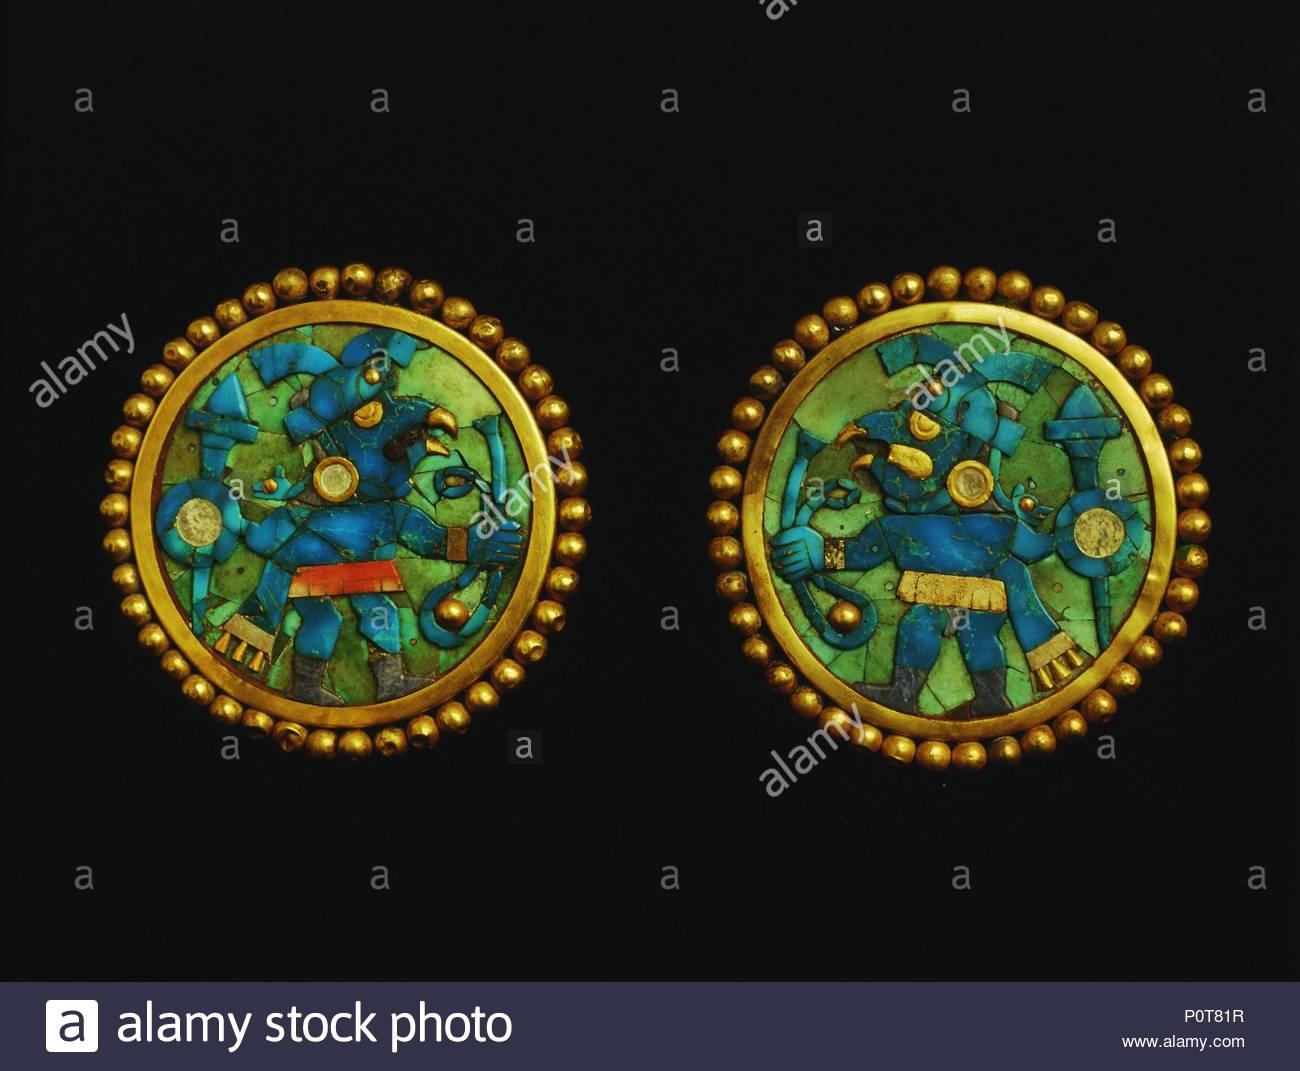 c6dc17825d31 Aretes de oro con turquois